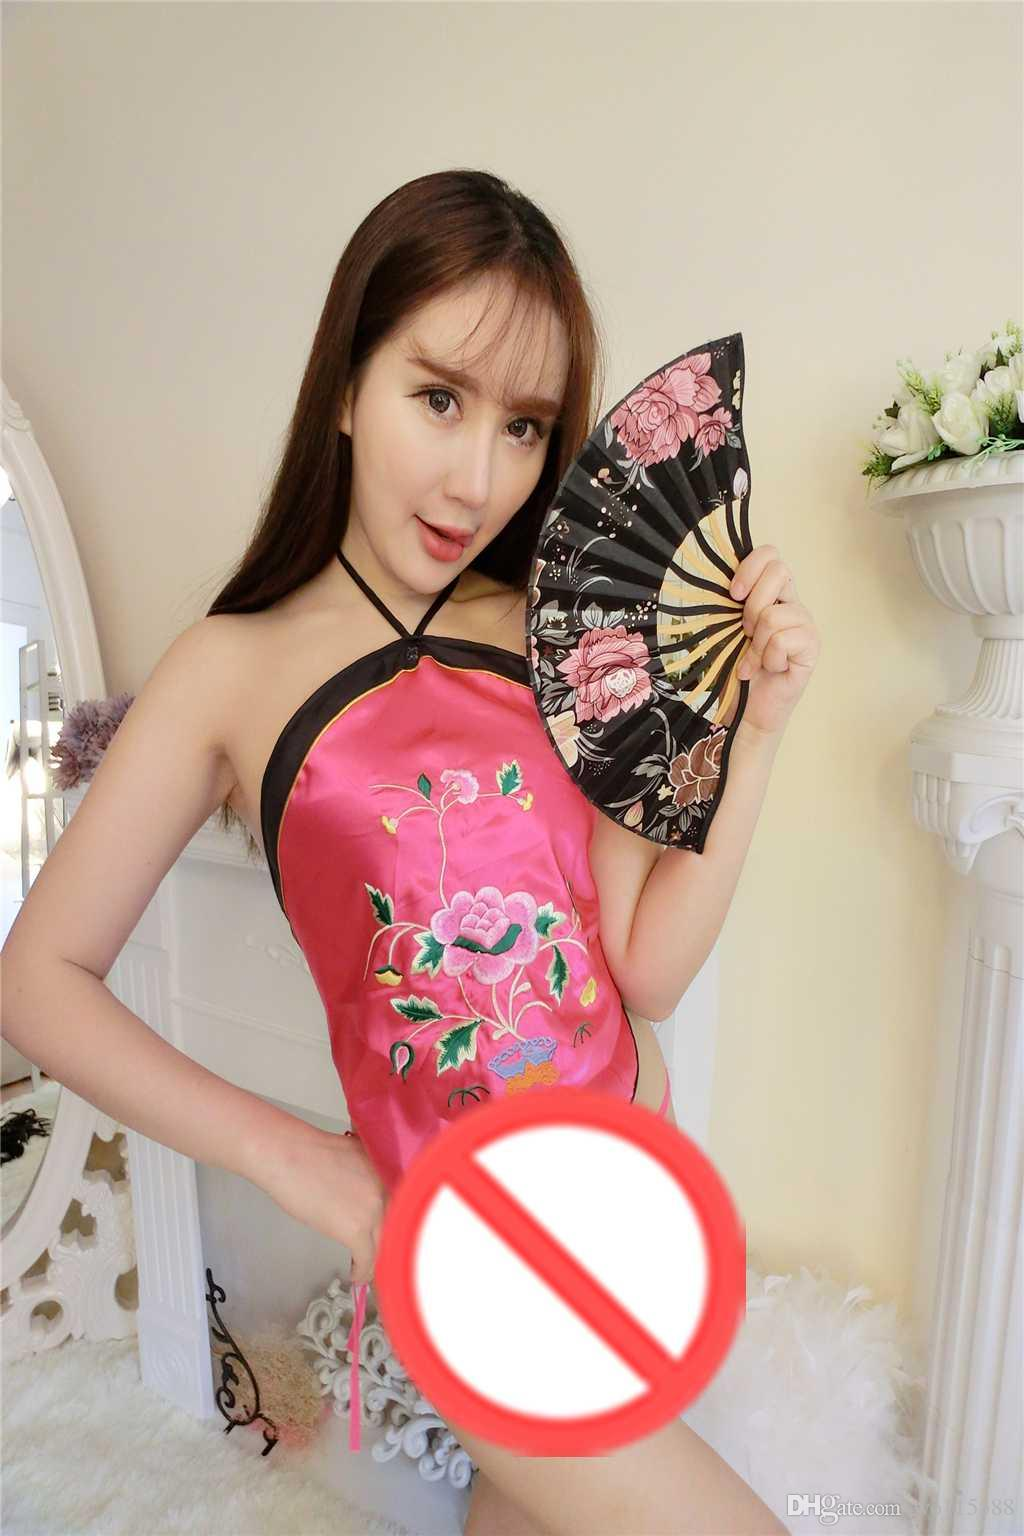 Frete grátis new lingerie sexy cosplay divertido dumplings senhoras sexy adulto conjuntos de nacional vento tribunal bordado sling roupa interior antigo pajam